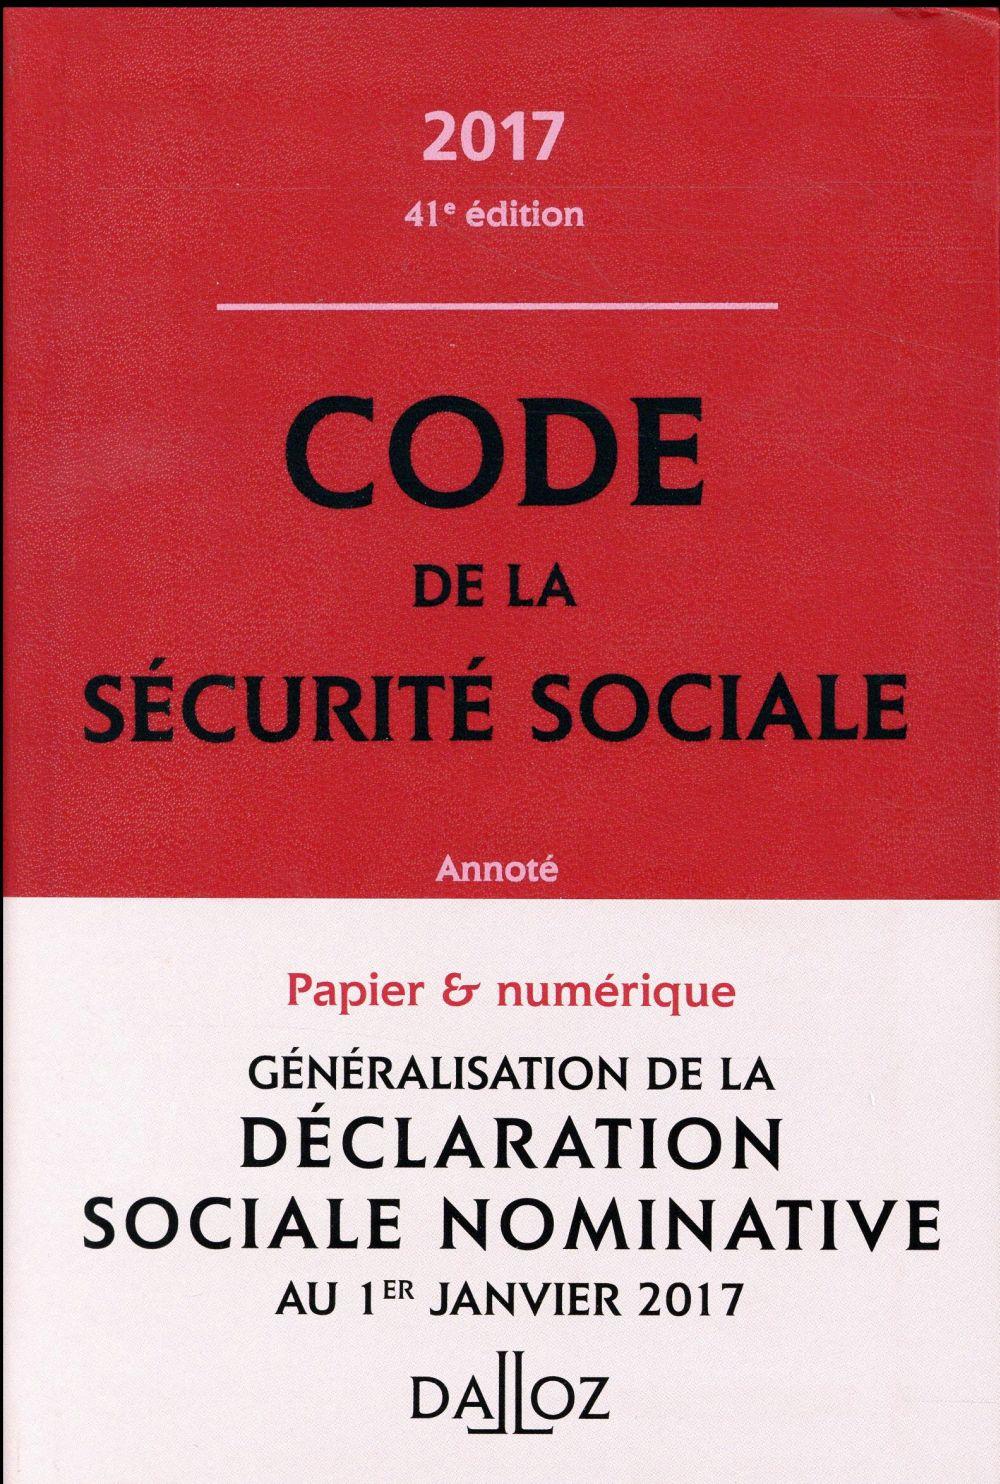 code de la sécurité sociale ; annoté (édition 2017)